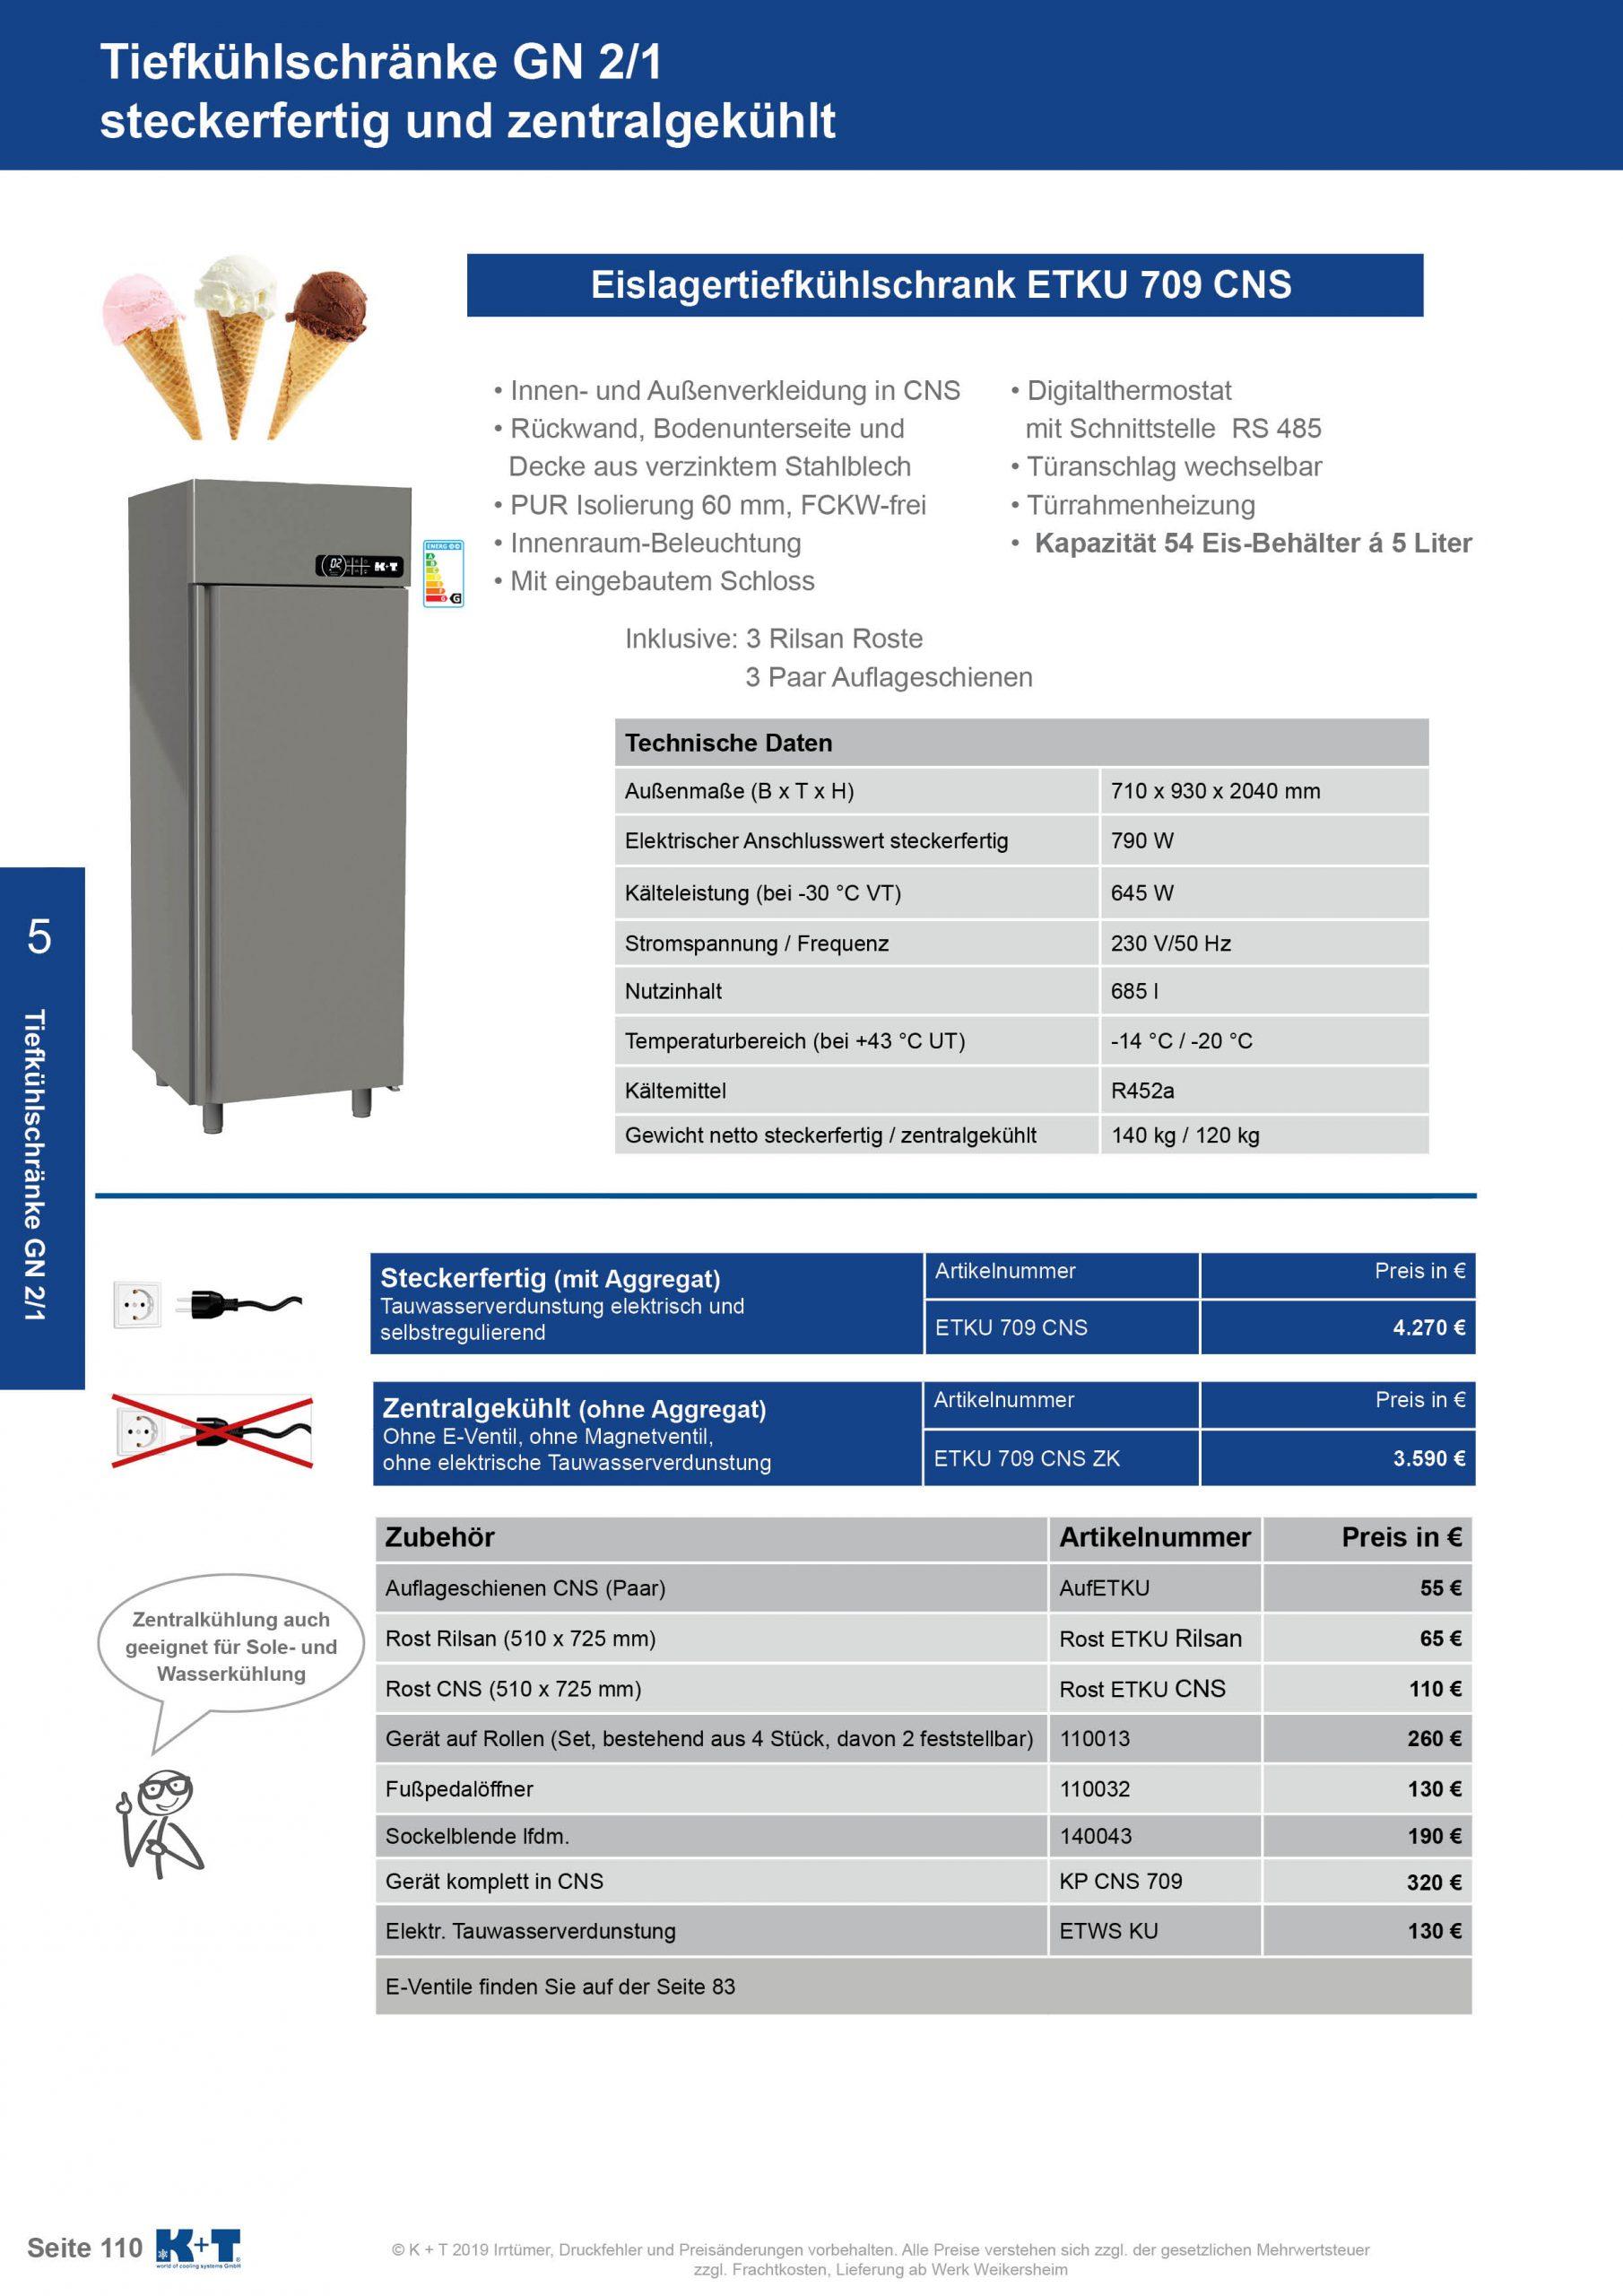 Kühl- Tiefkühlschränke für spezielle Anforderungen Eislagertiefkühlschrank GN 2_1